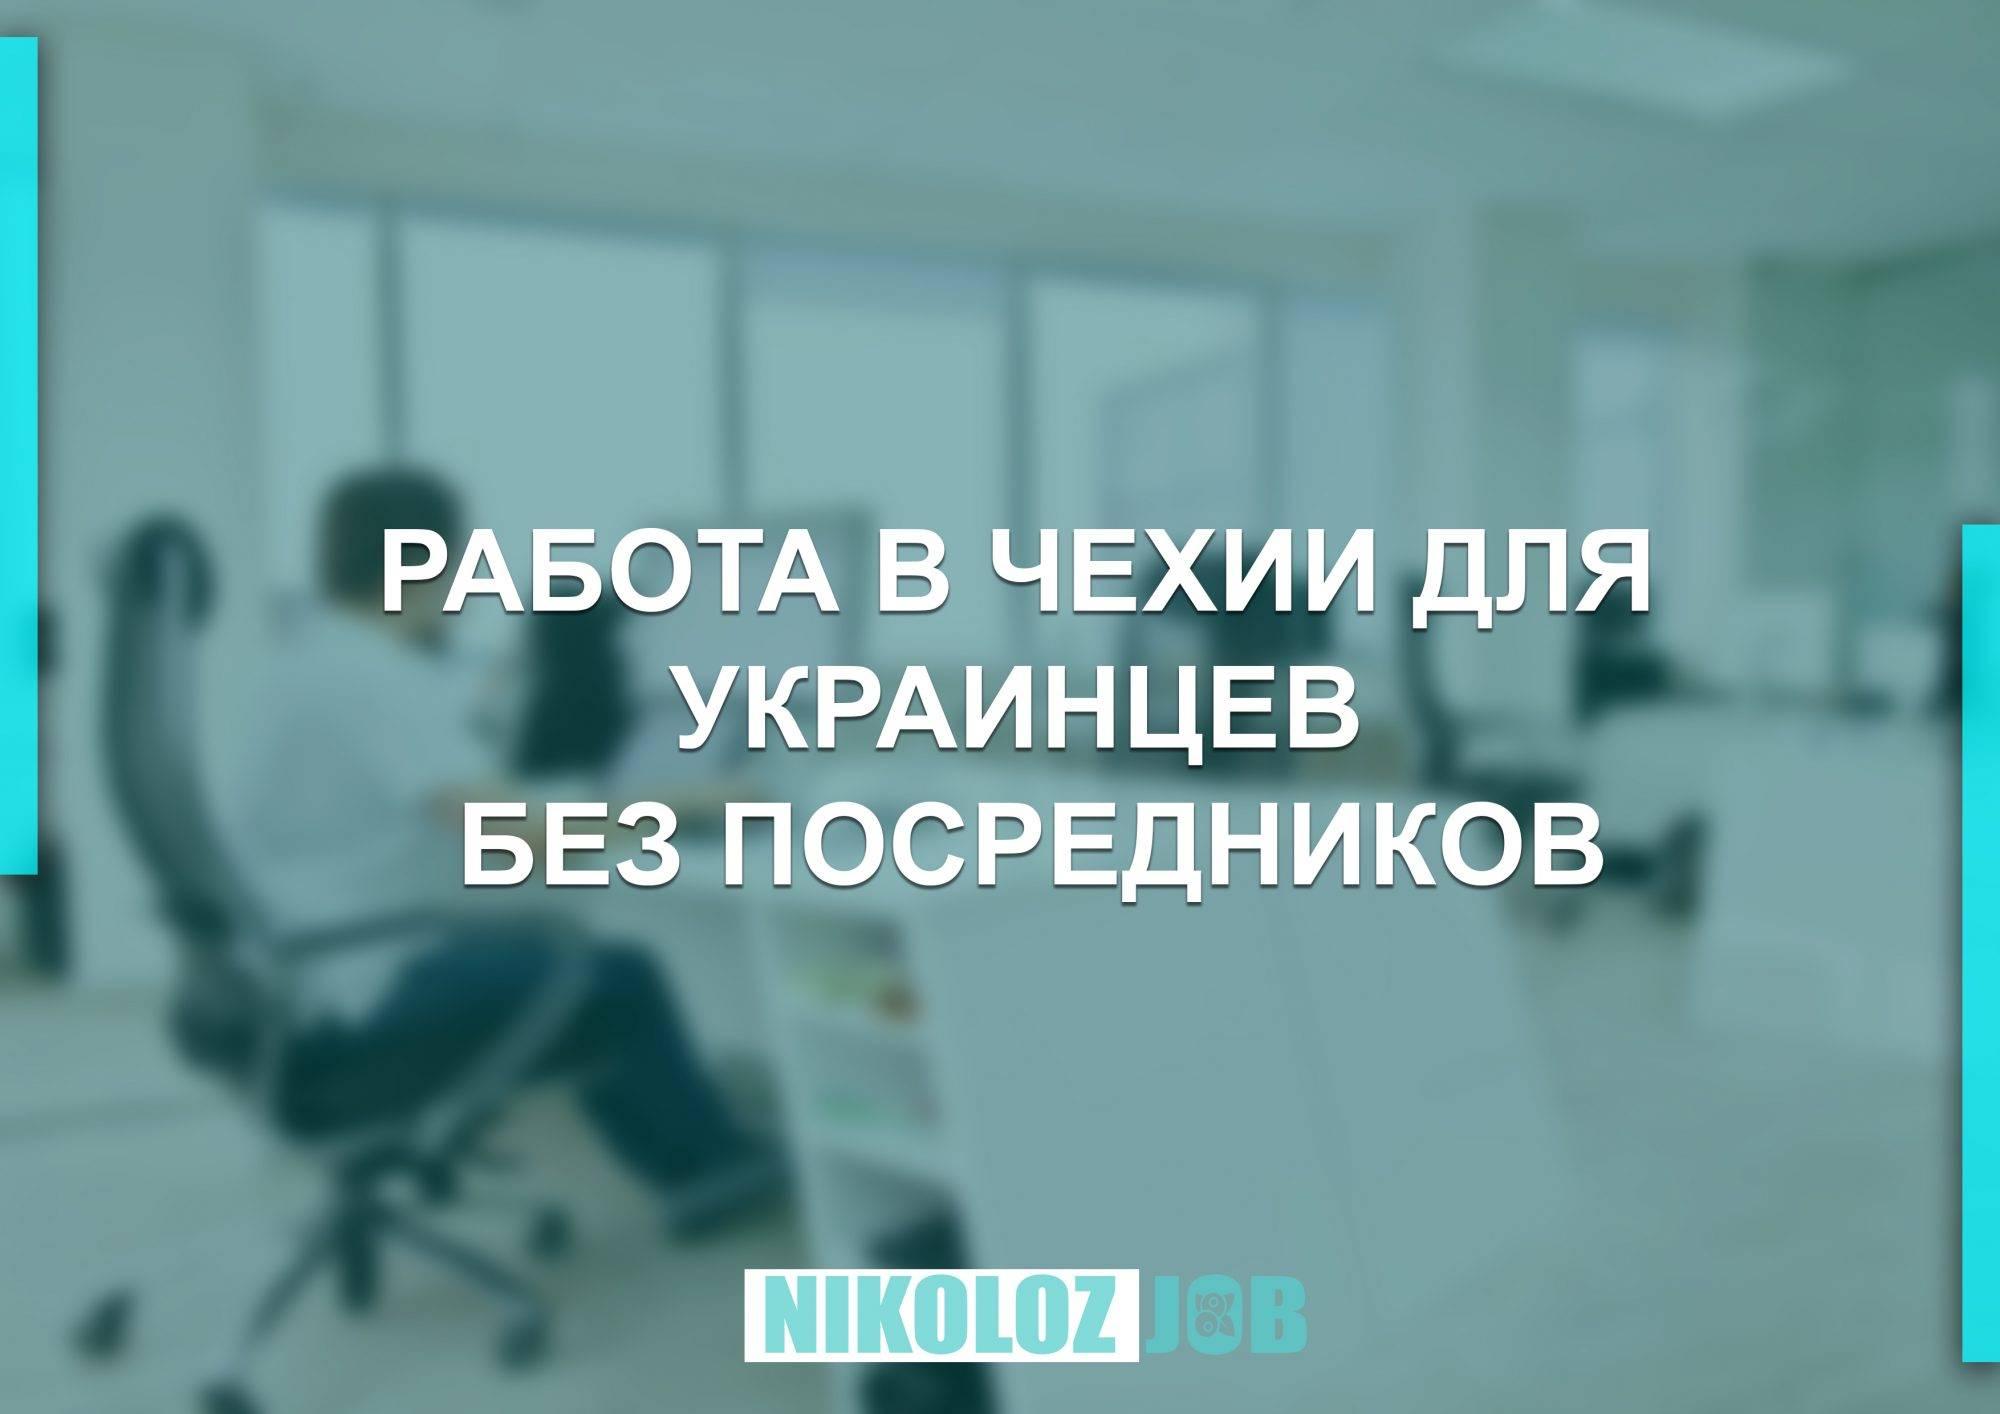 Работа в чехии для русских и украинцев: вакансии от прямых работодателей в 2020 году